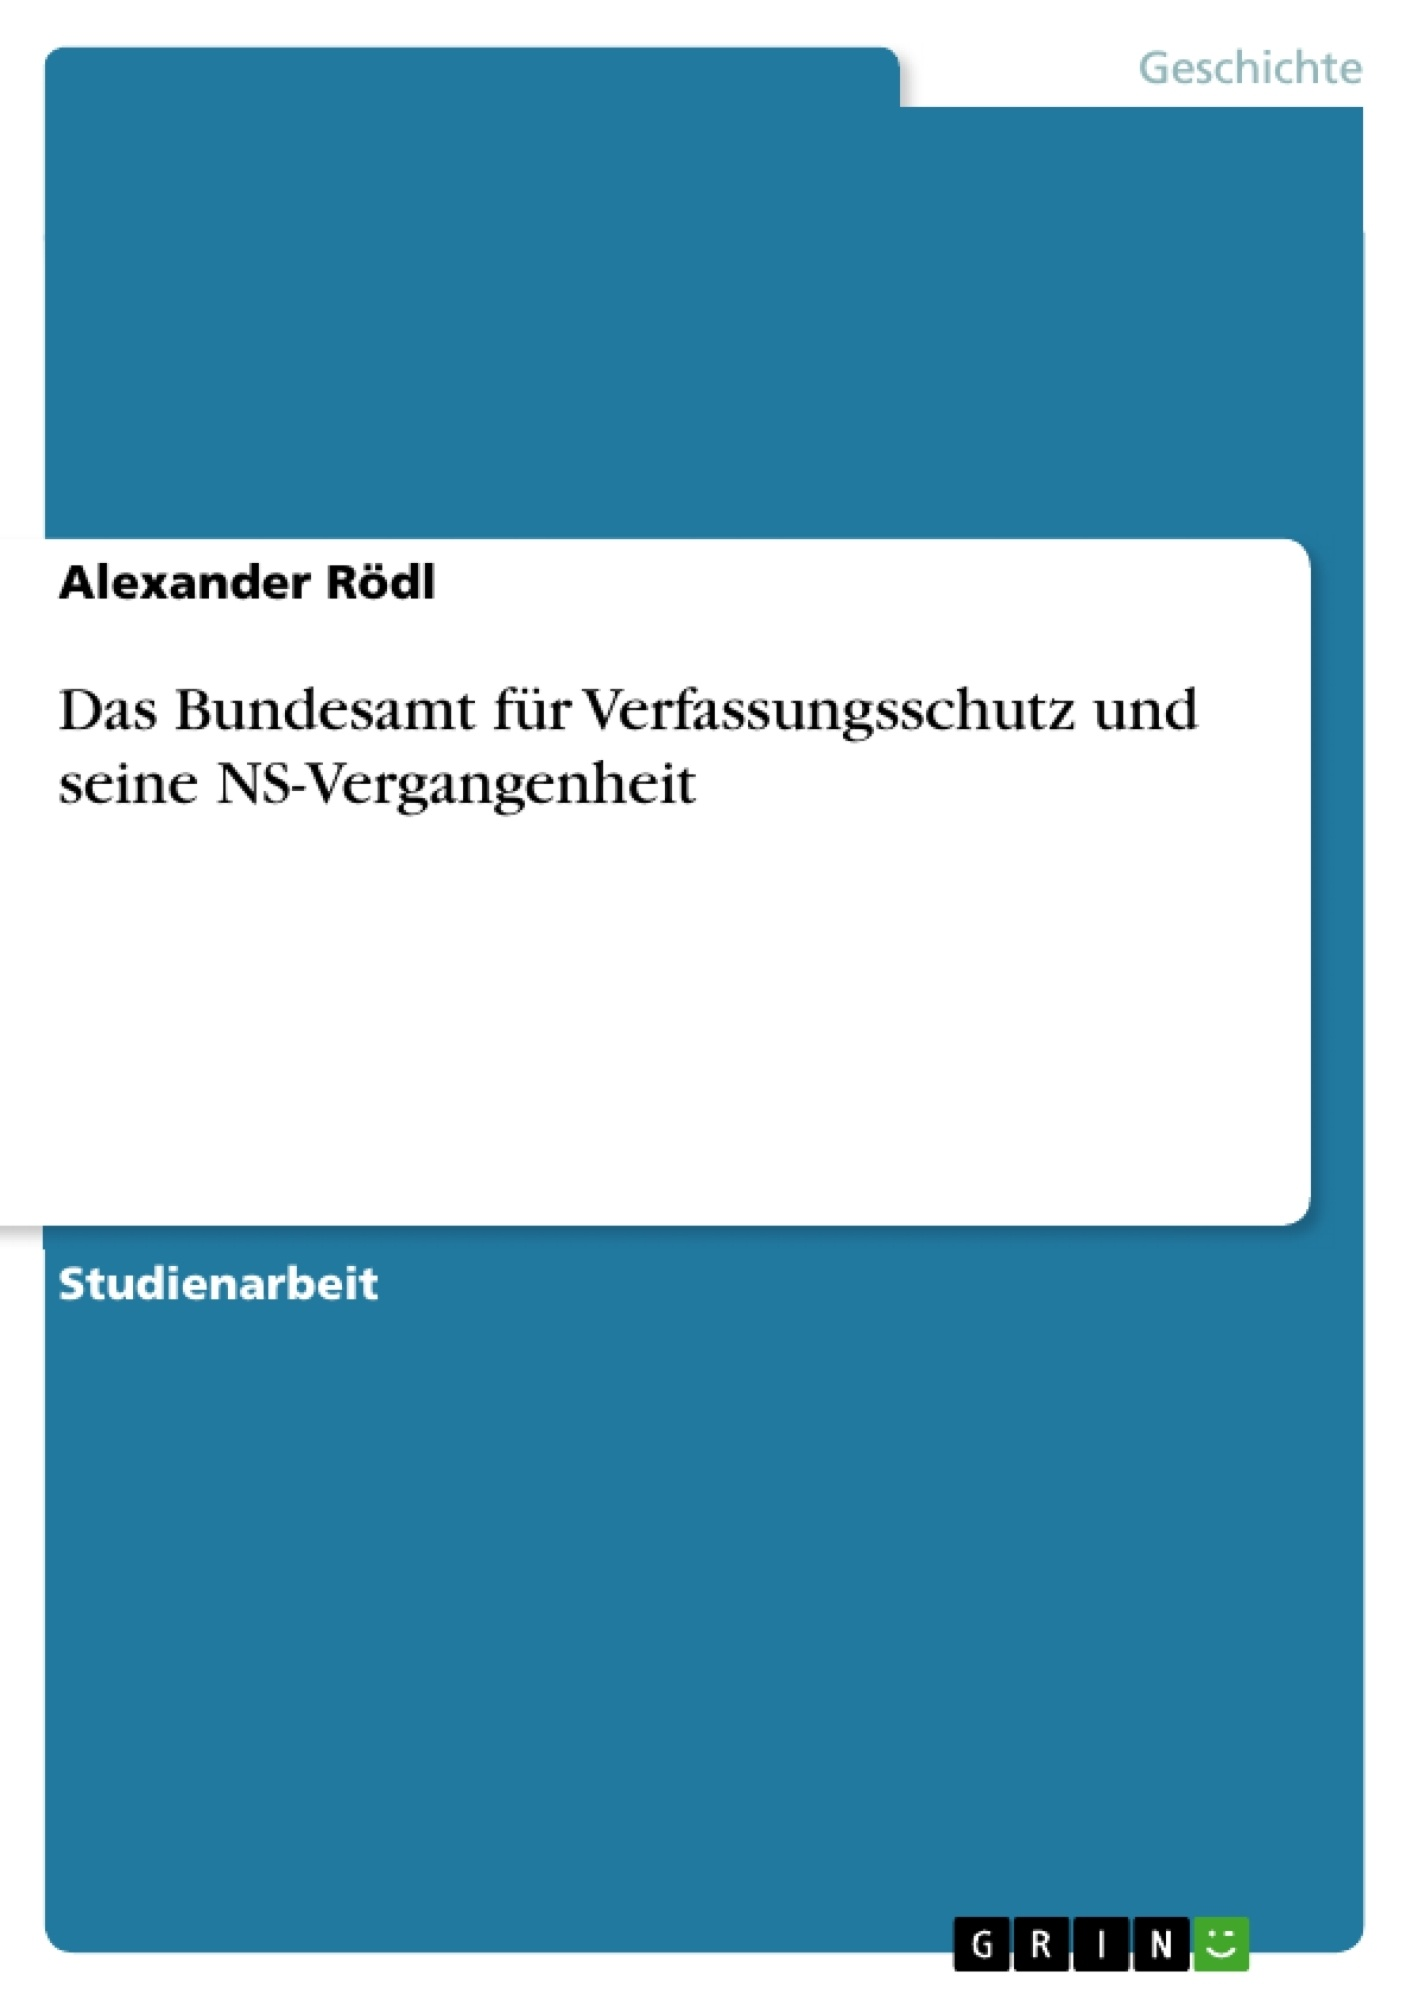 Titel: Das Bundesamt für Verfassungsschutz und seine NS-Vergangenheit